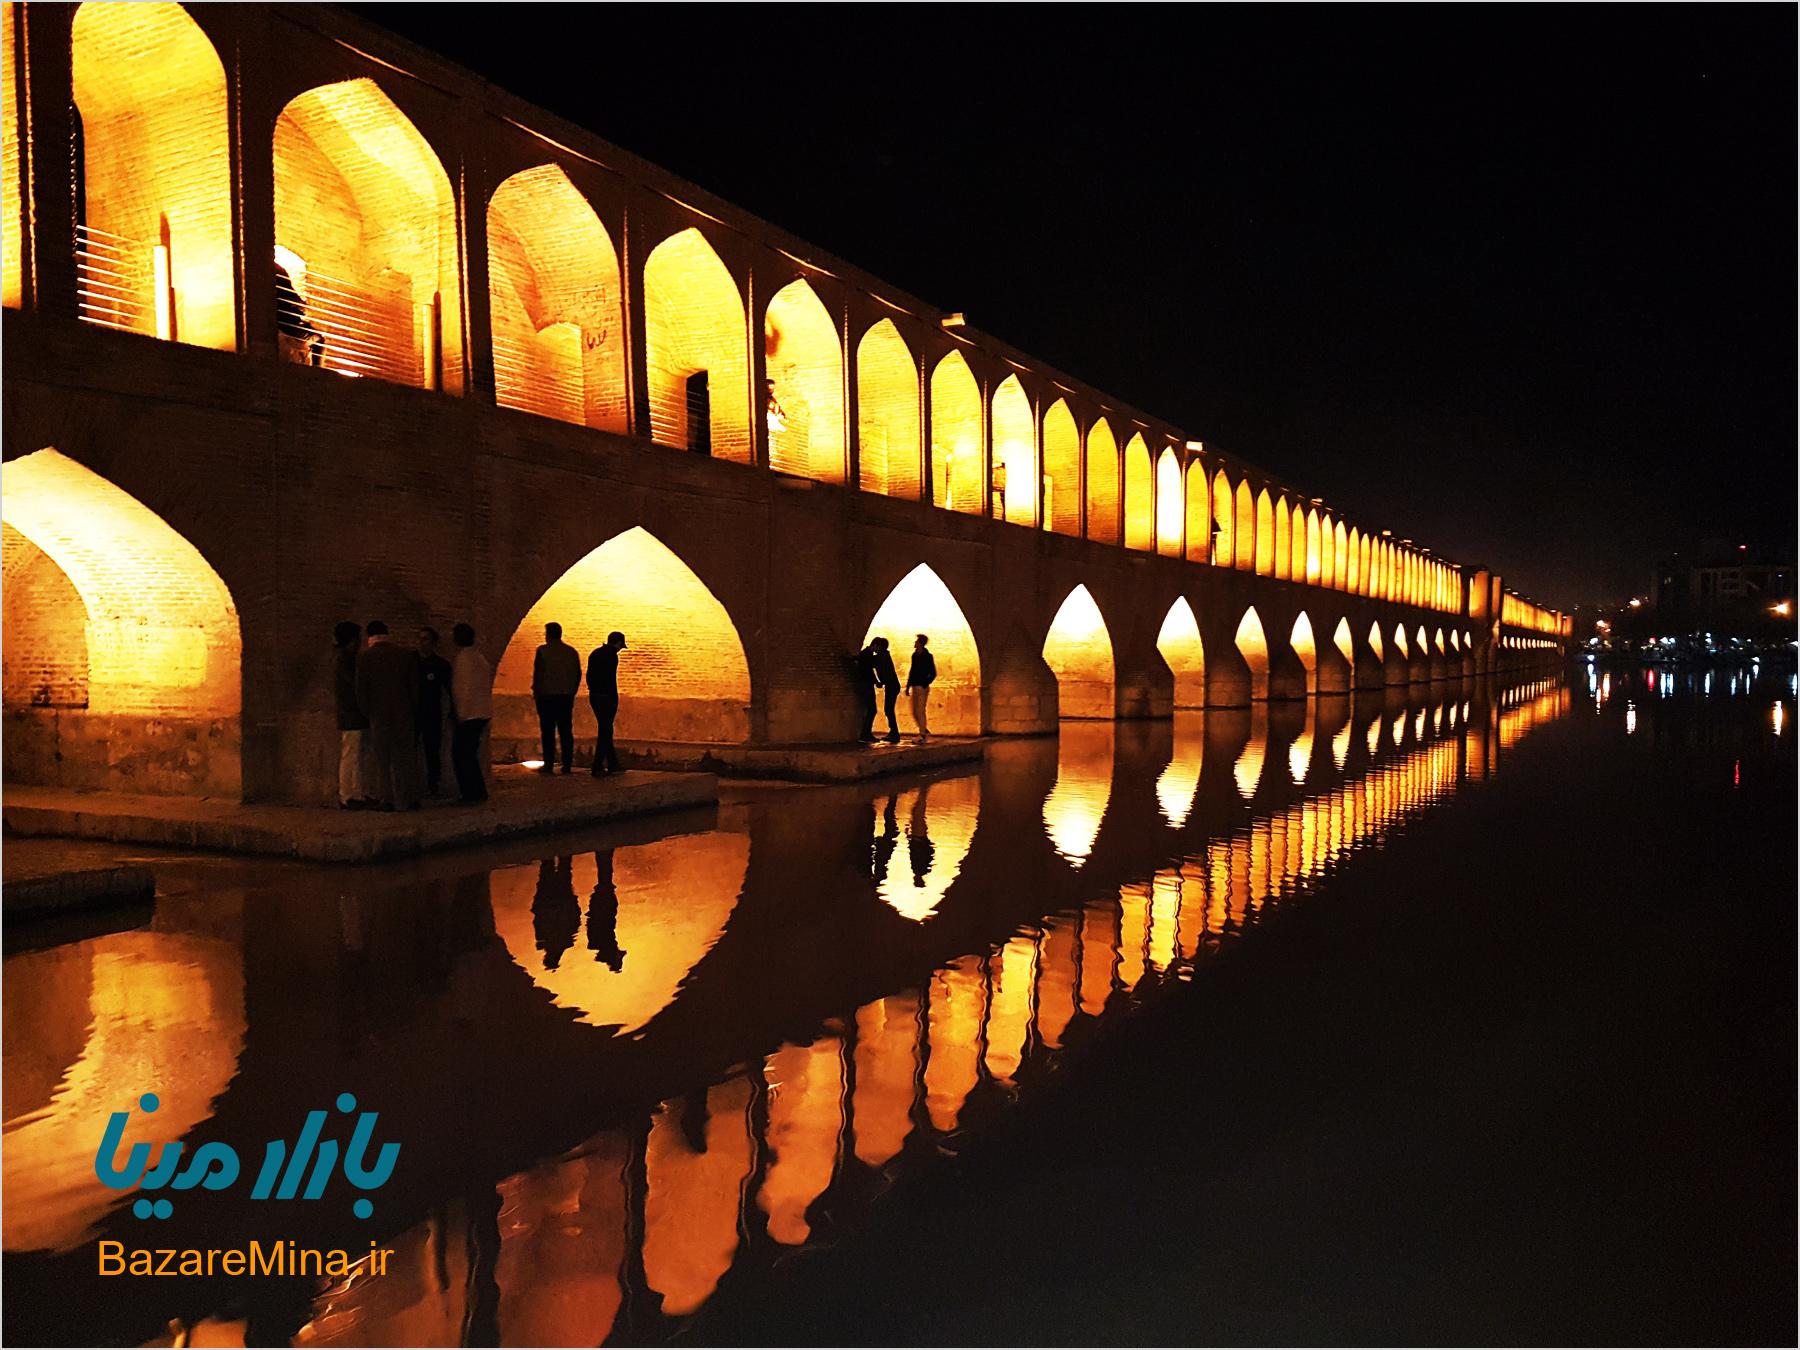 سی و سه پل در اصفهان